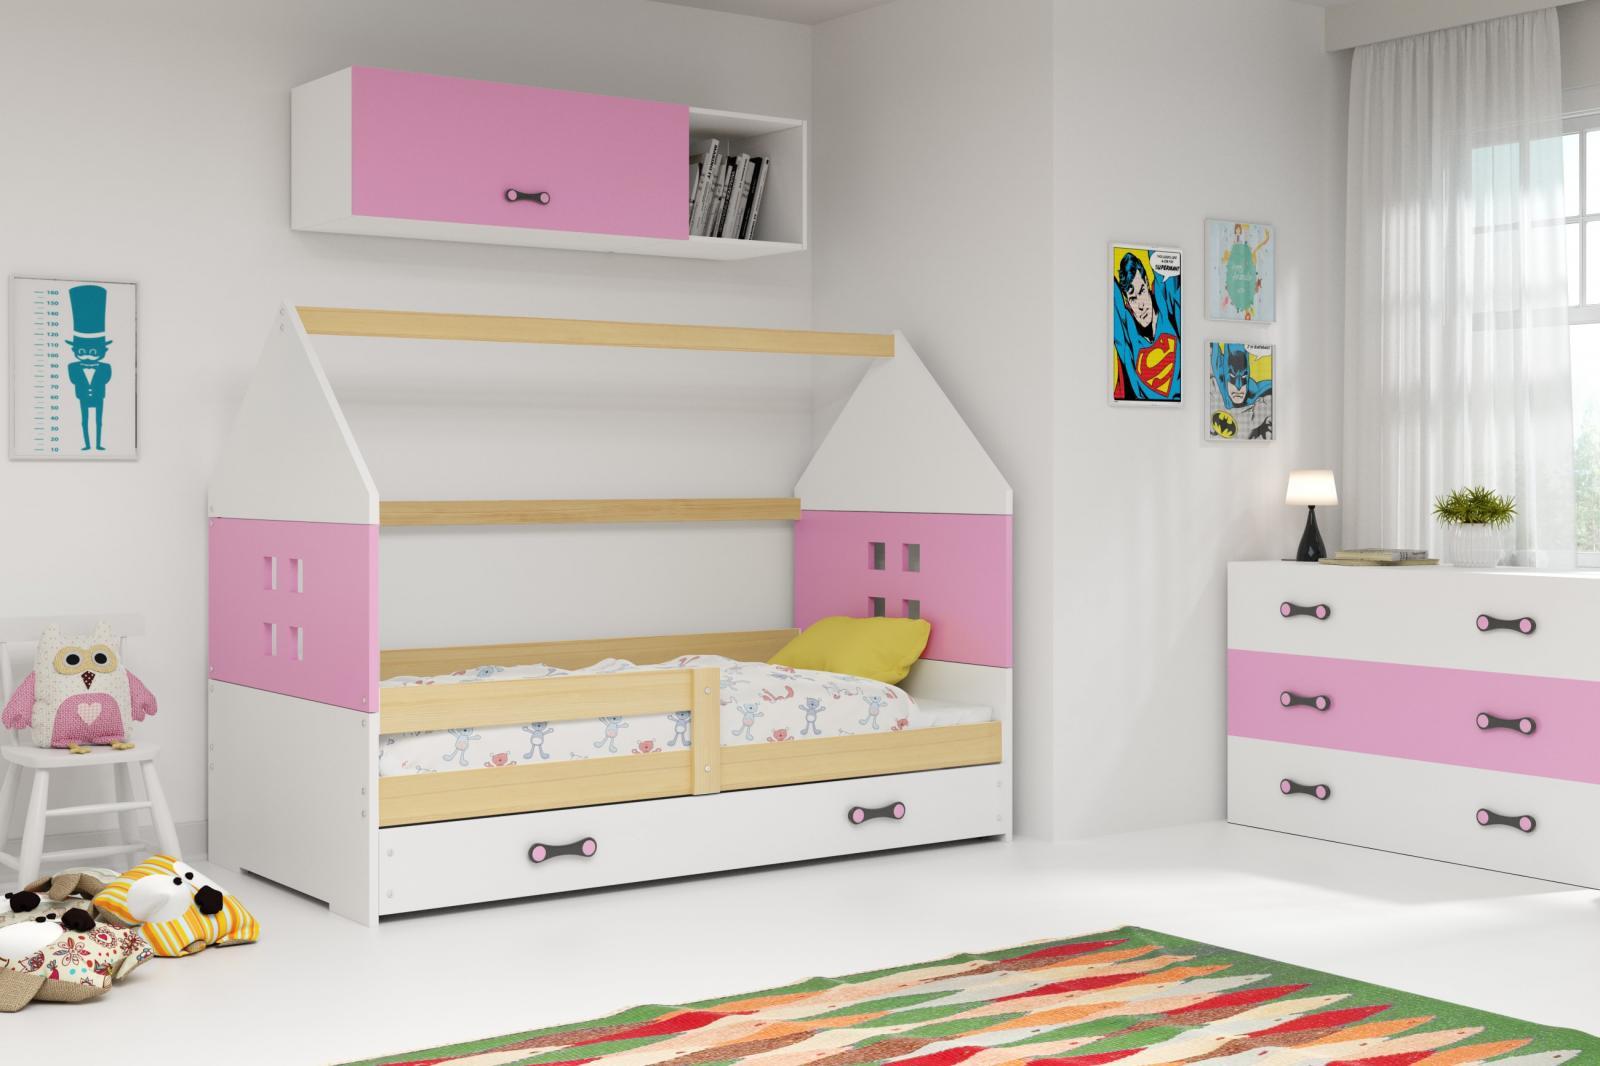 Dětská postel Dominik 80x160 borovice/růžová/bílá